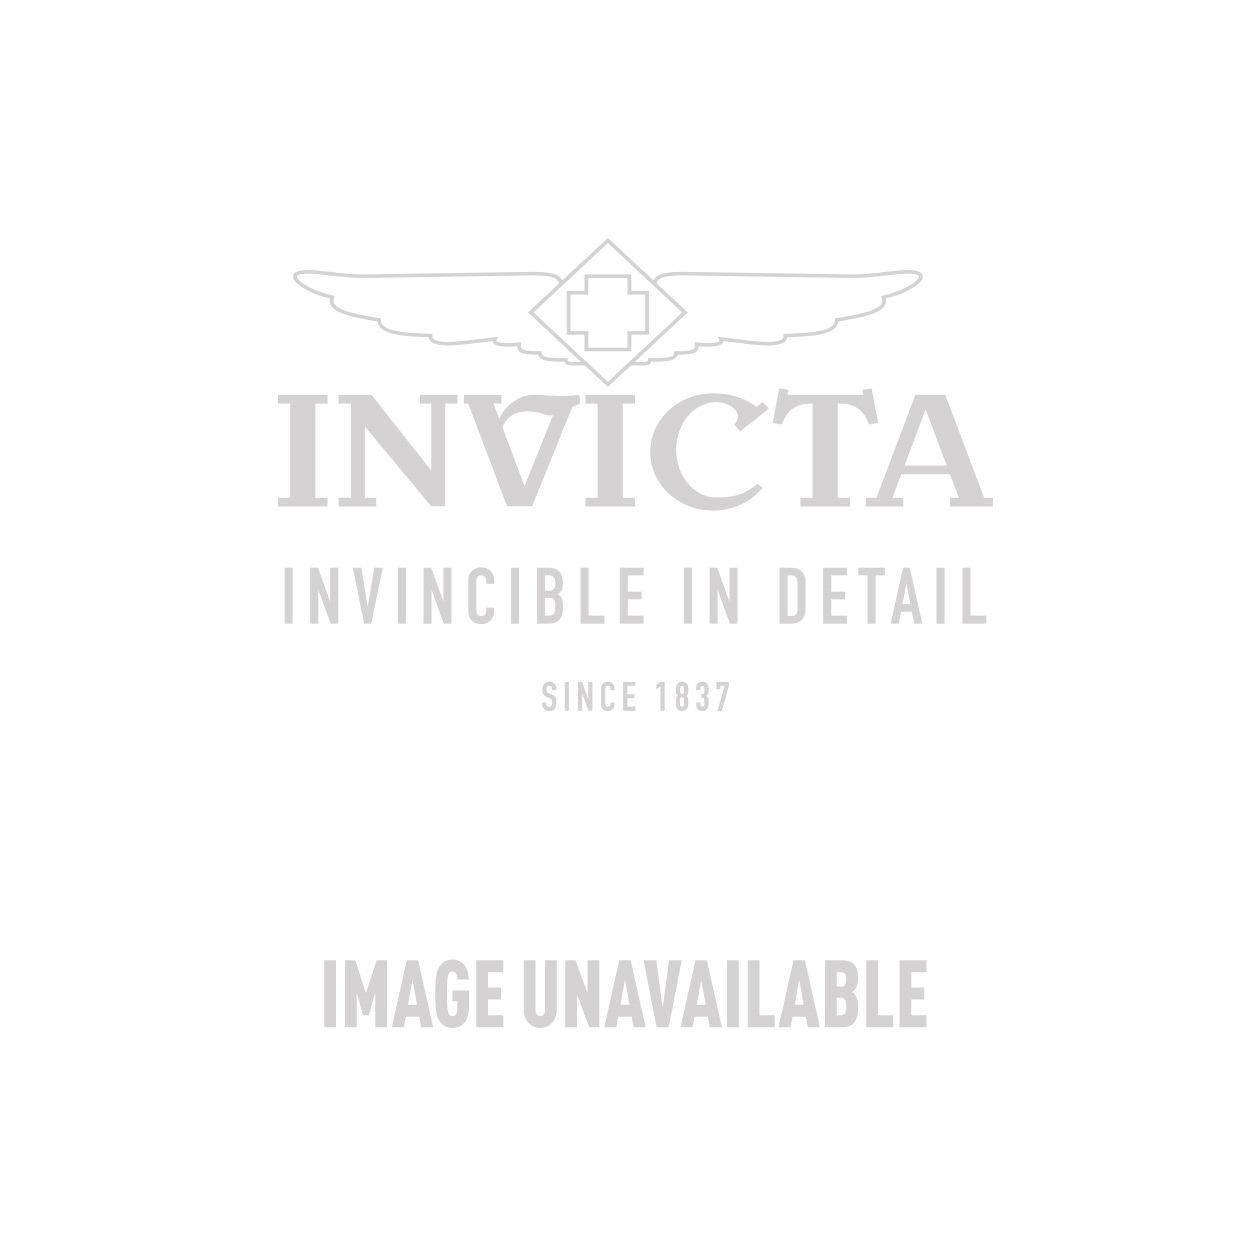 Invicta Model 26902